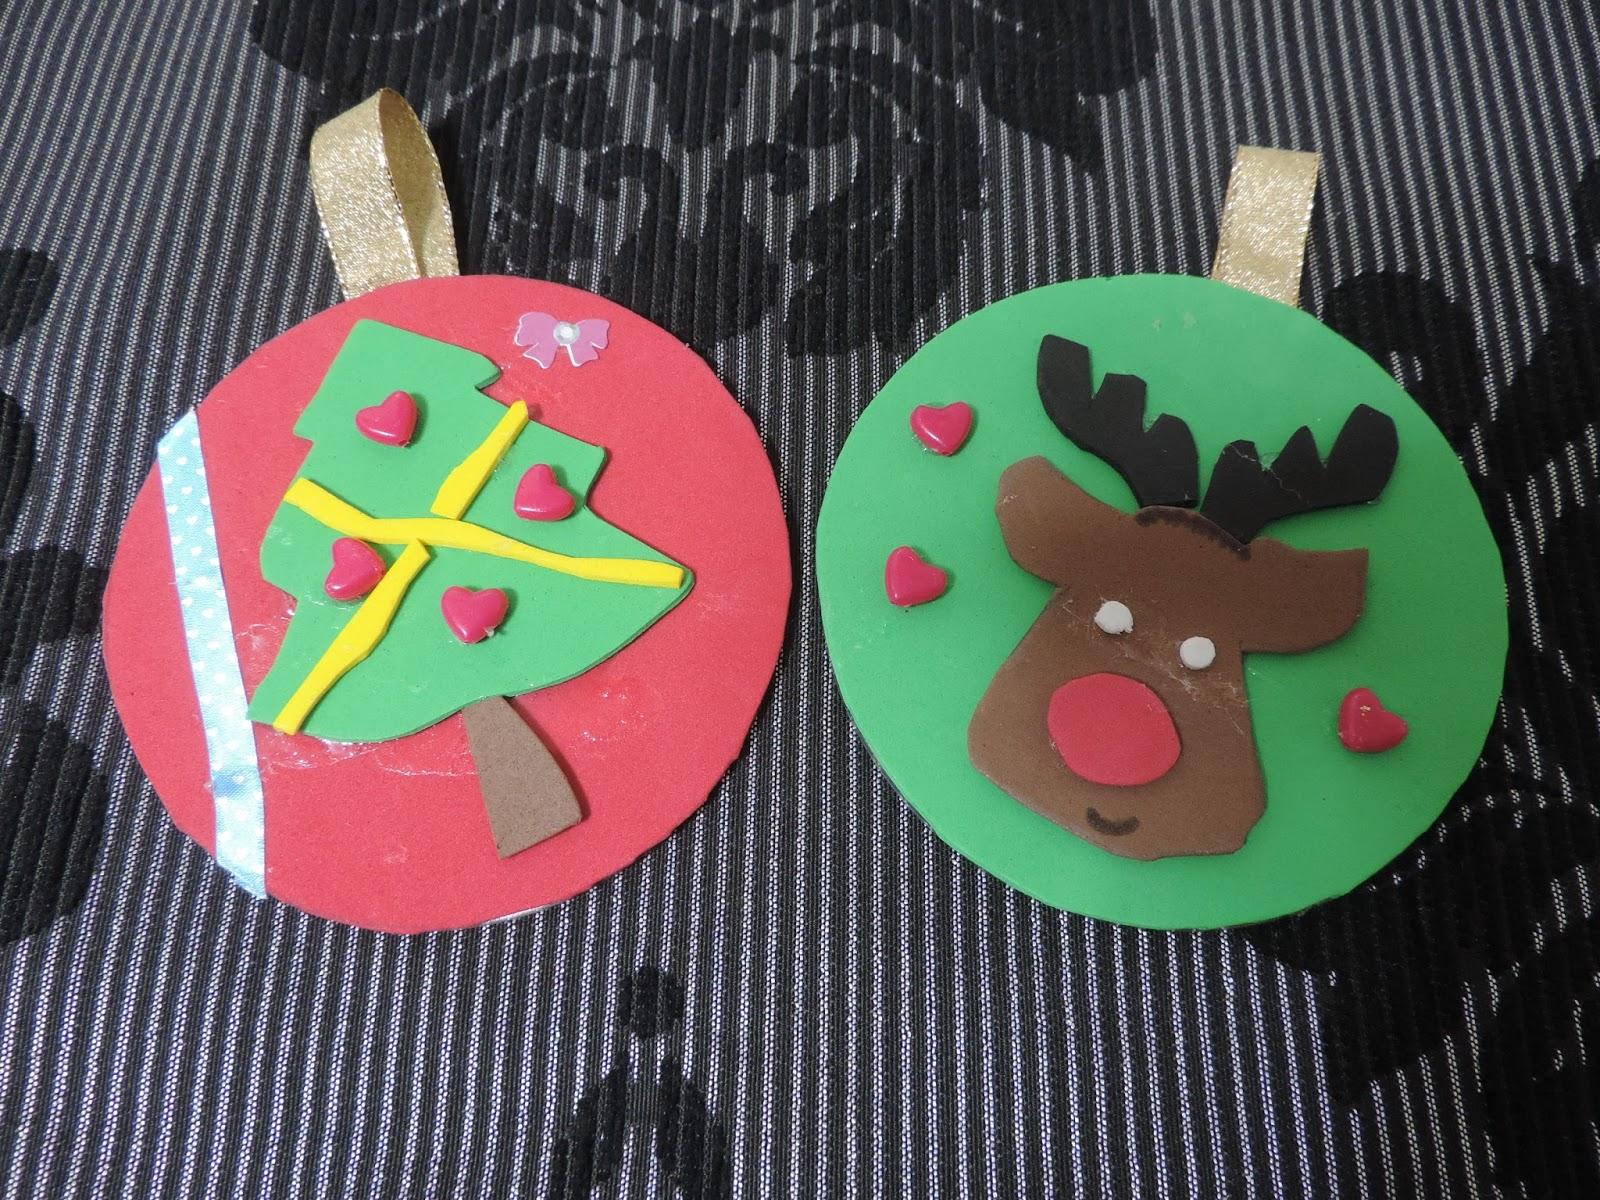 Cosas de cari adornos de navidad con cd s reciclados y - Adornos reciclados para navidad ...